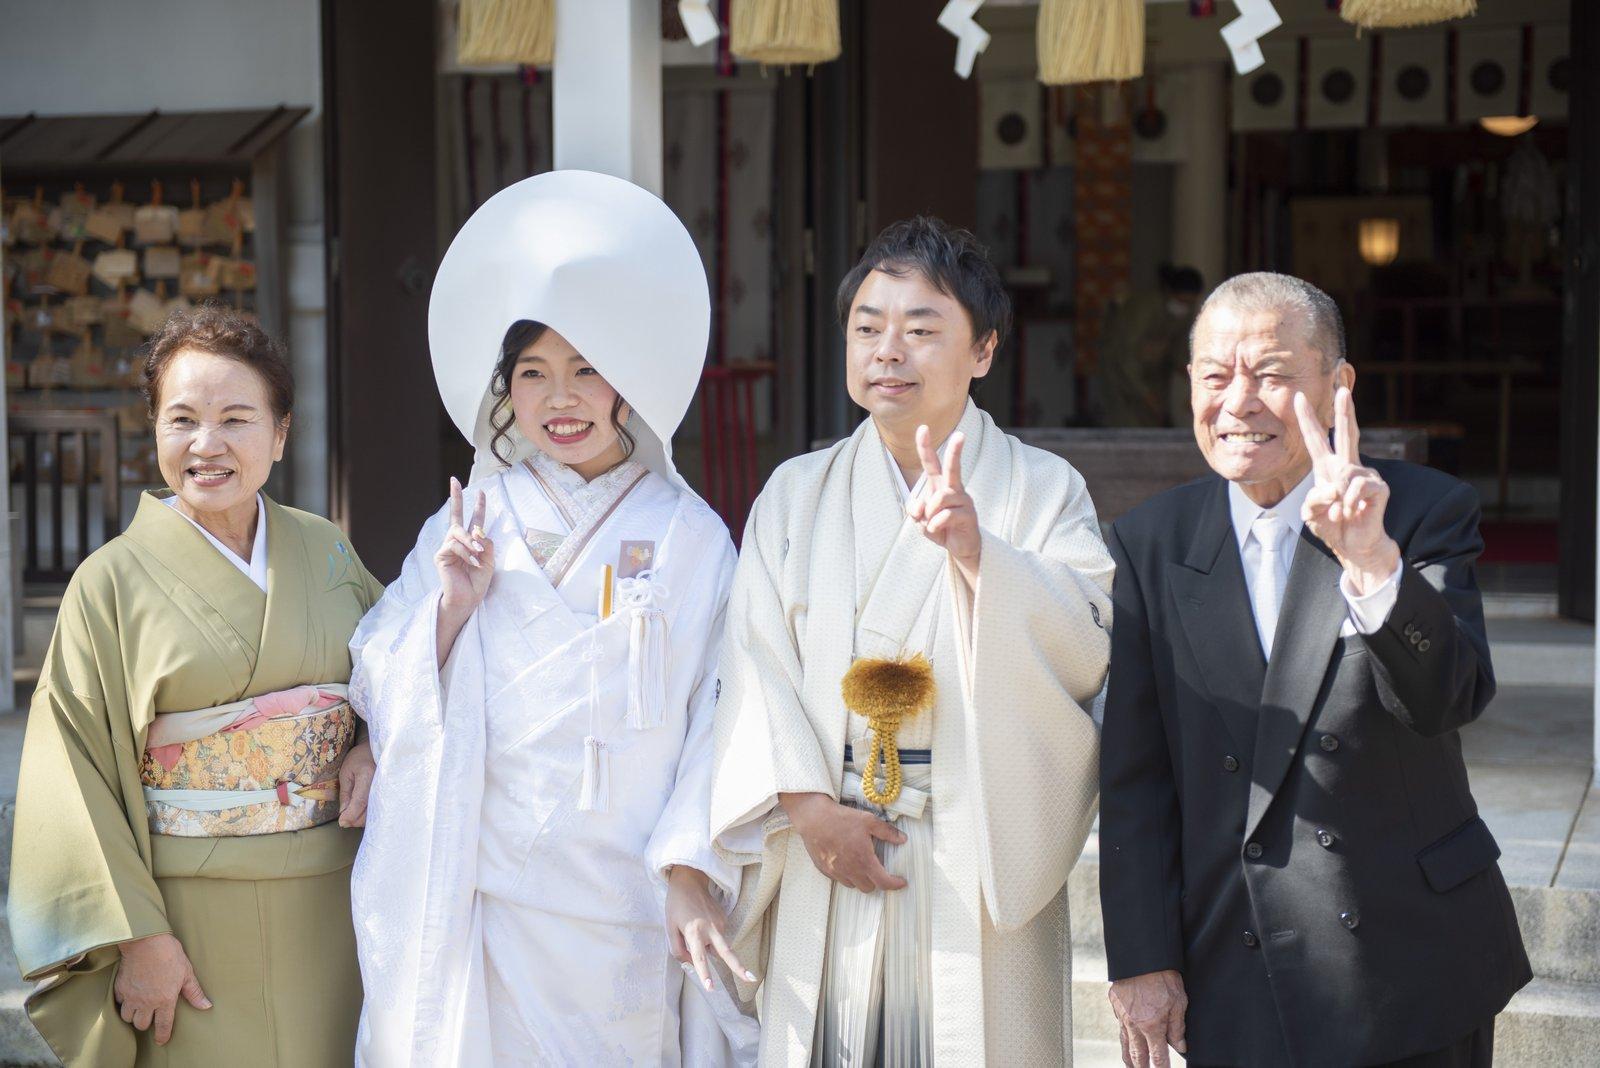 徳島市の結婚式場ブランアンジュで披露宴を行う前に挙式をした忌部神社で親族と記念写真を撮影する新郎新婦